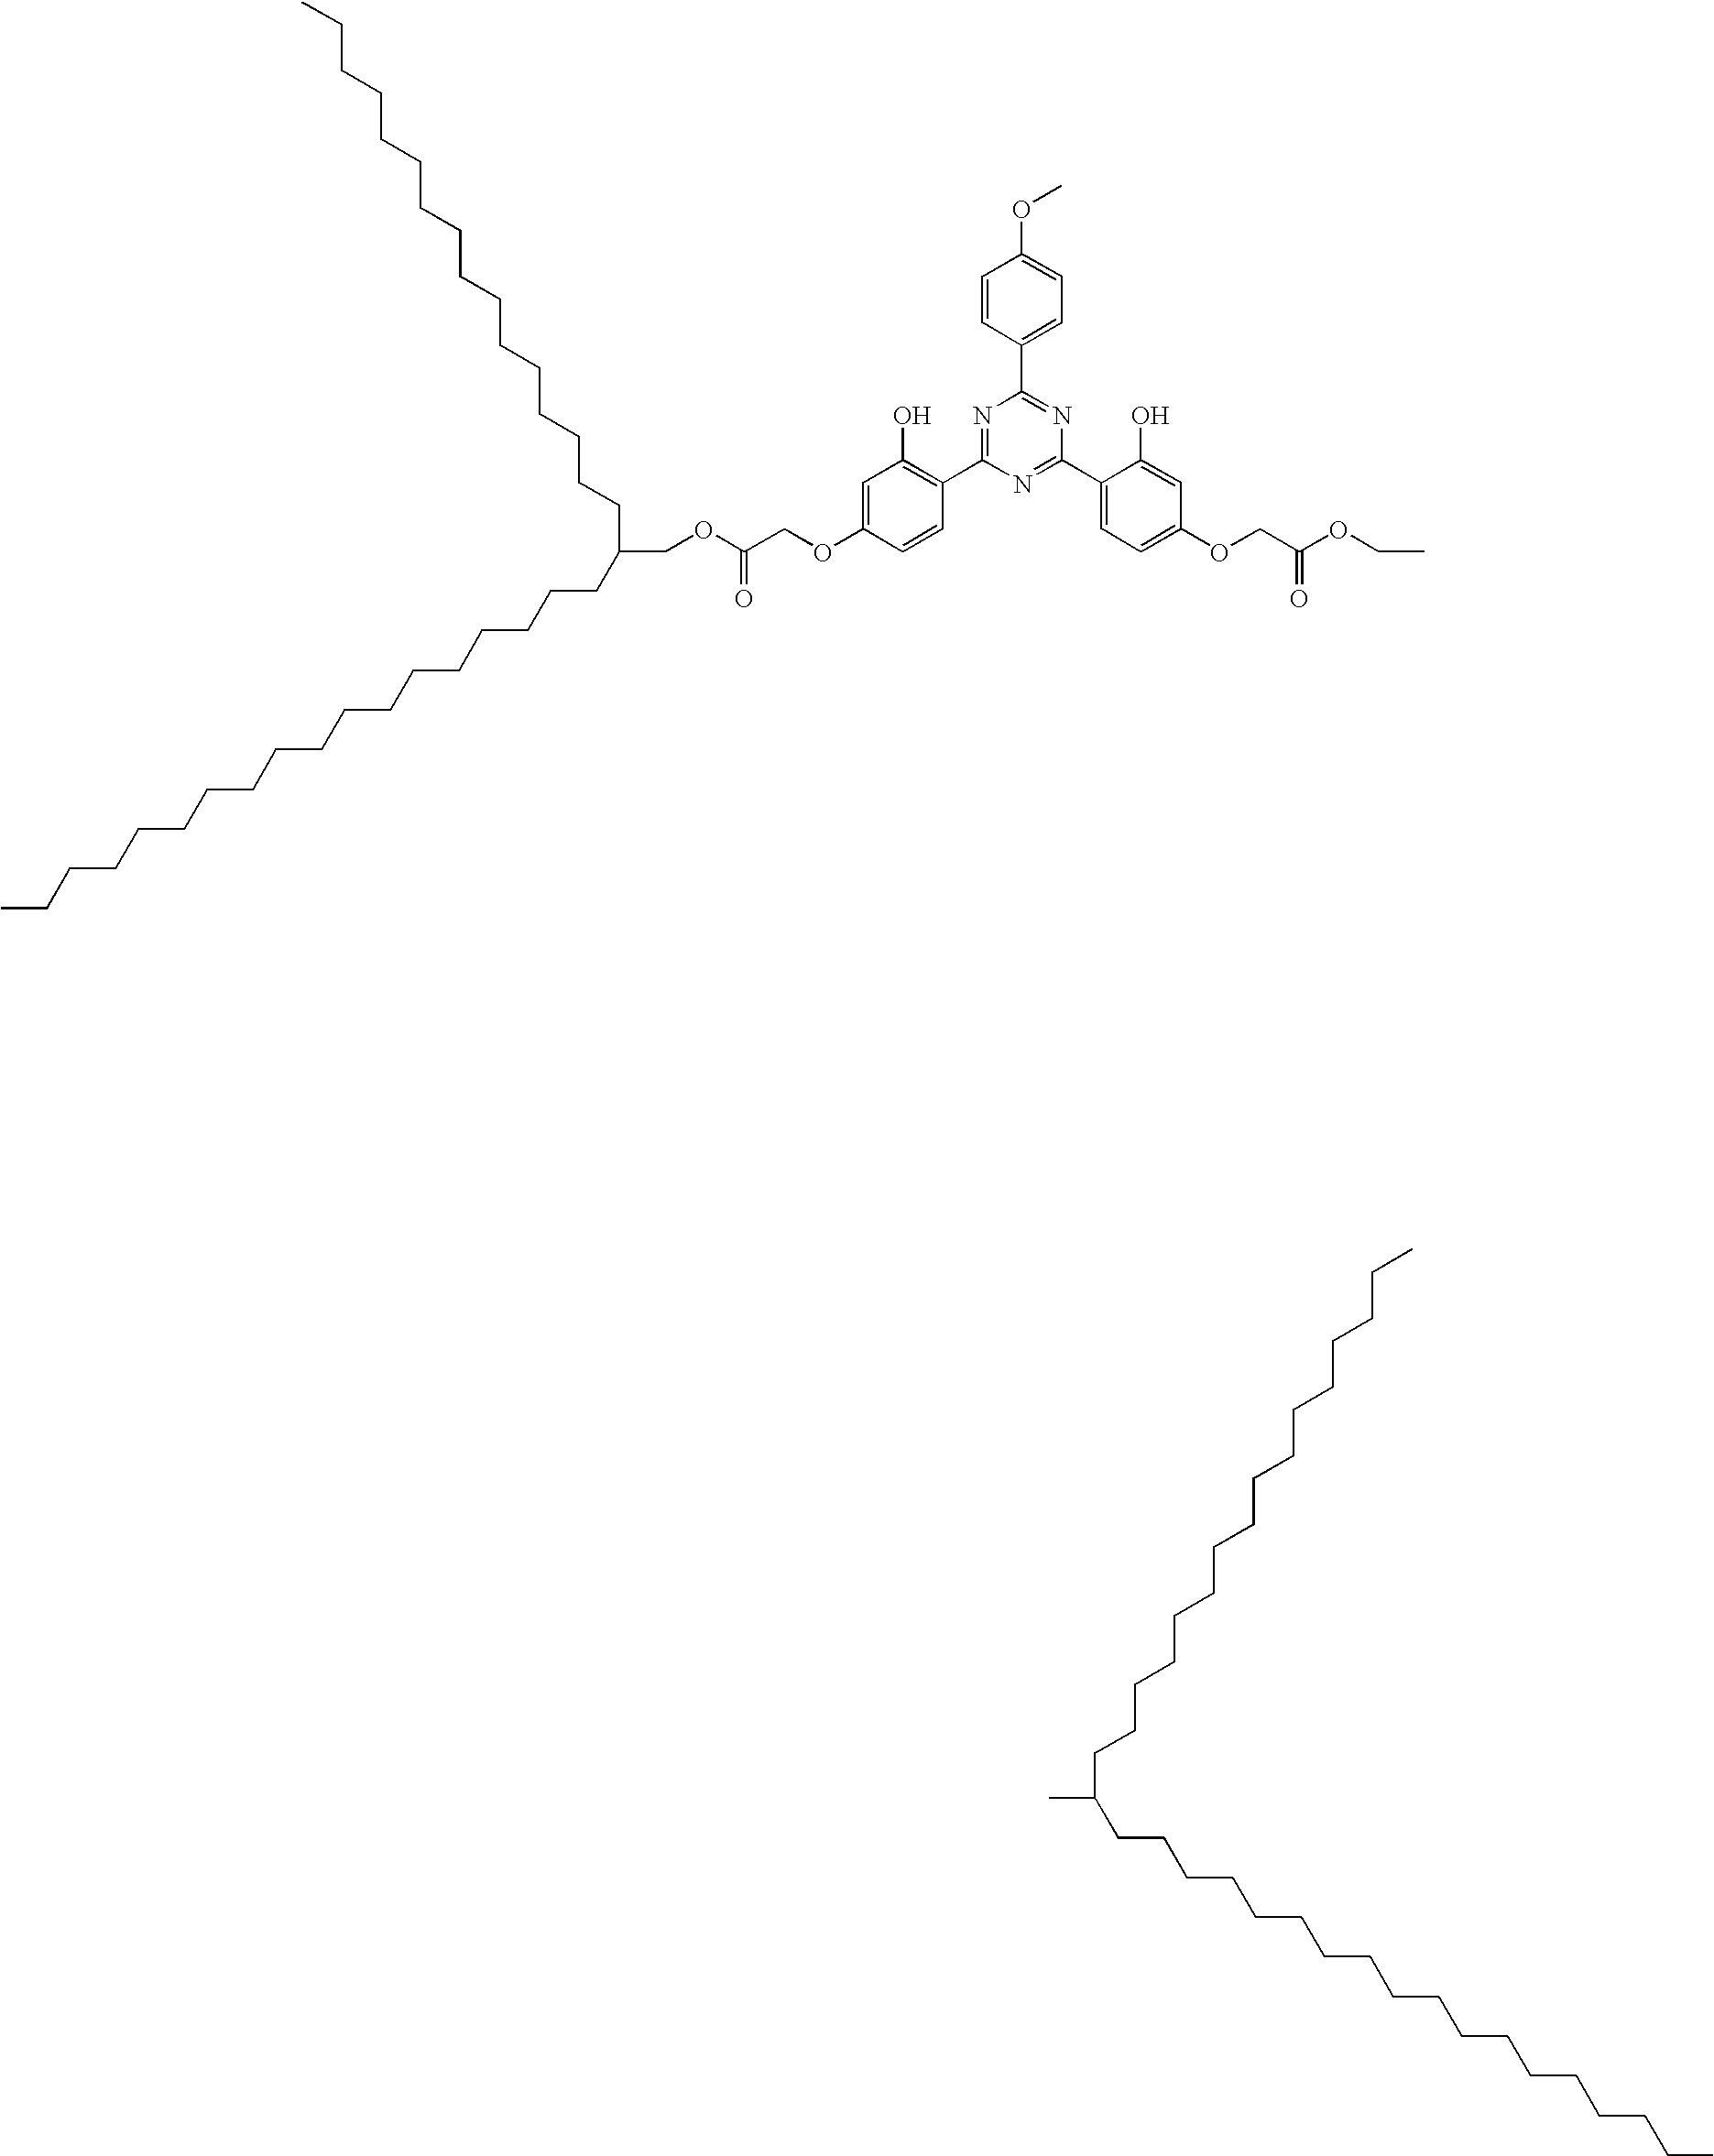 Figure US07294714-20071113-C00033